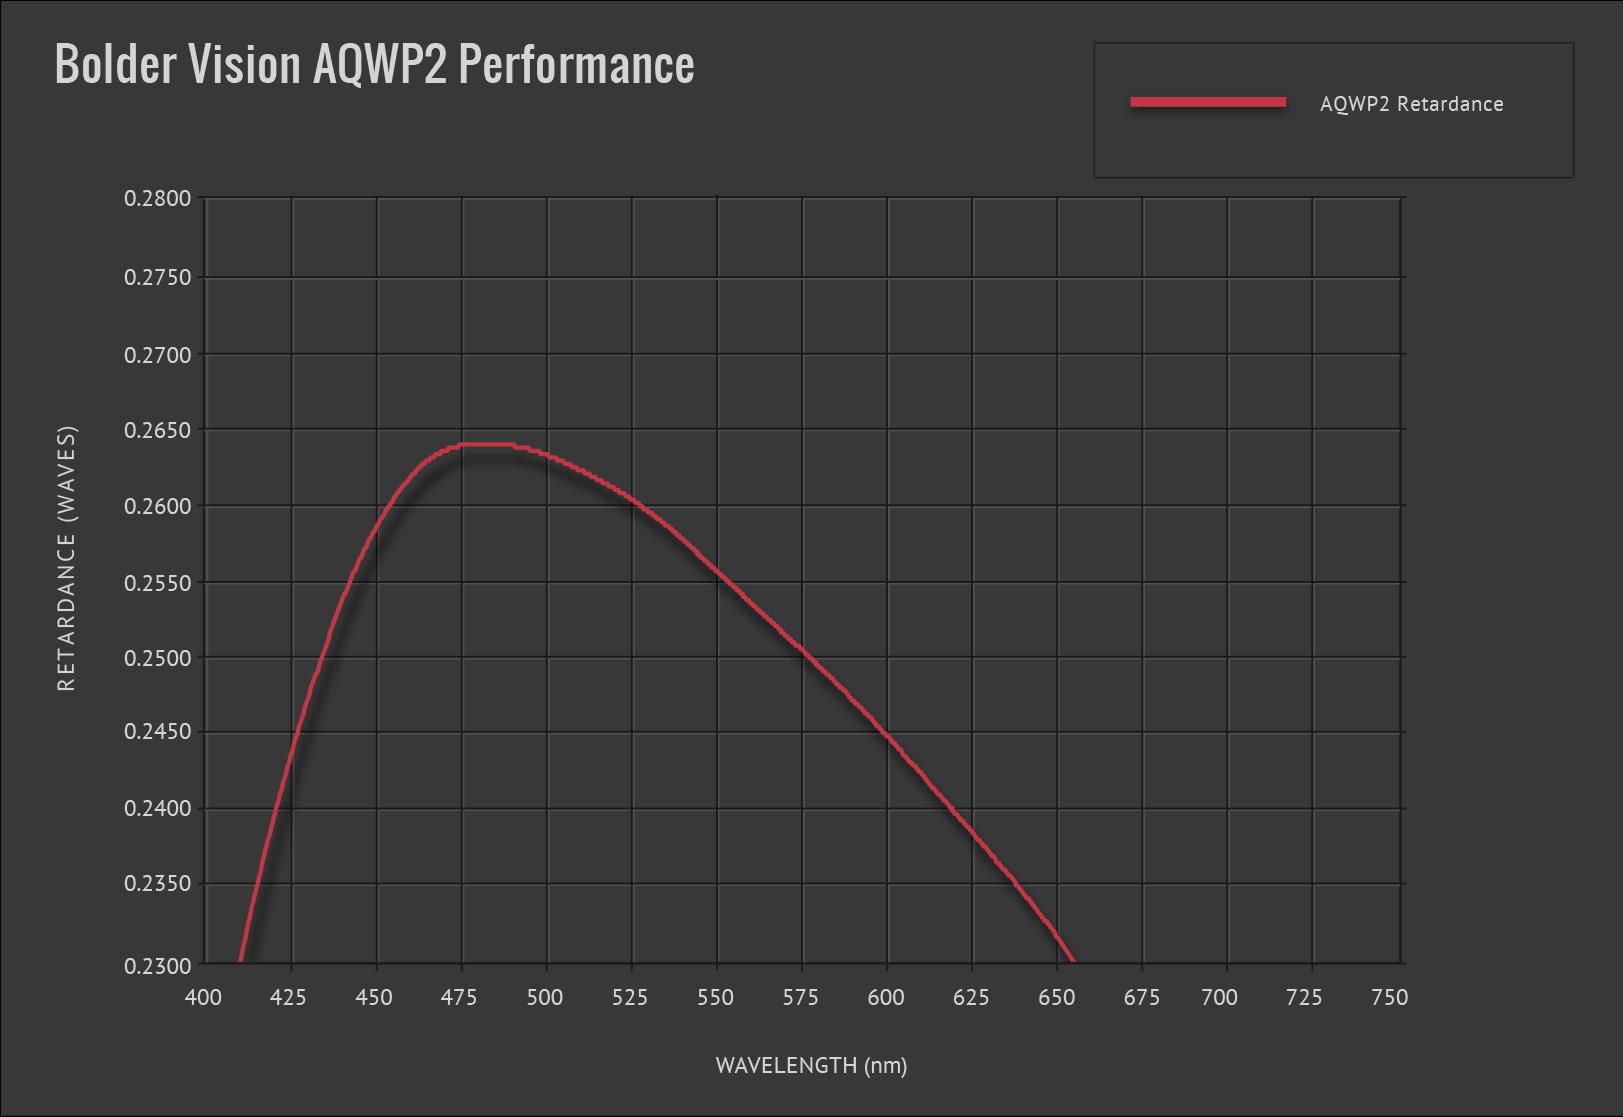 Bolder Vision Waveplate AQWP2